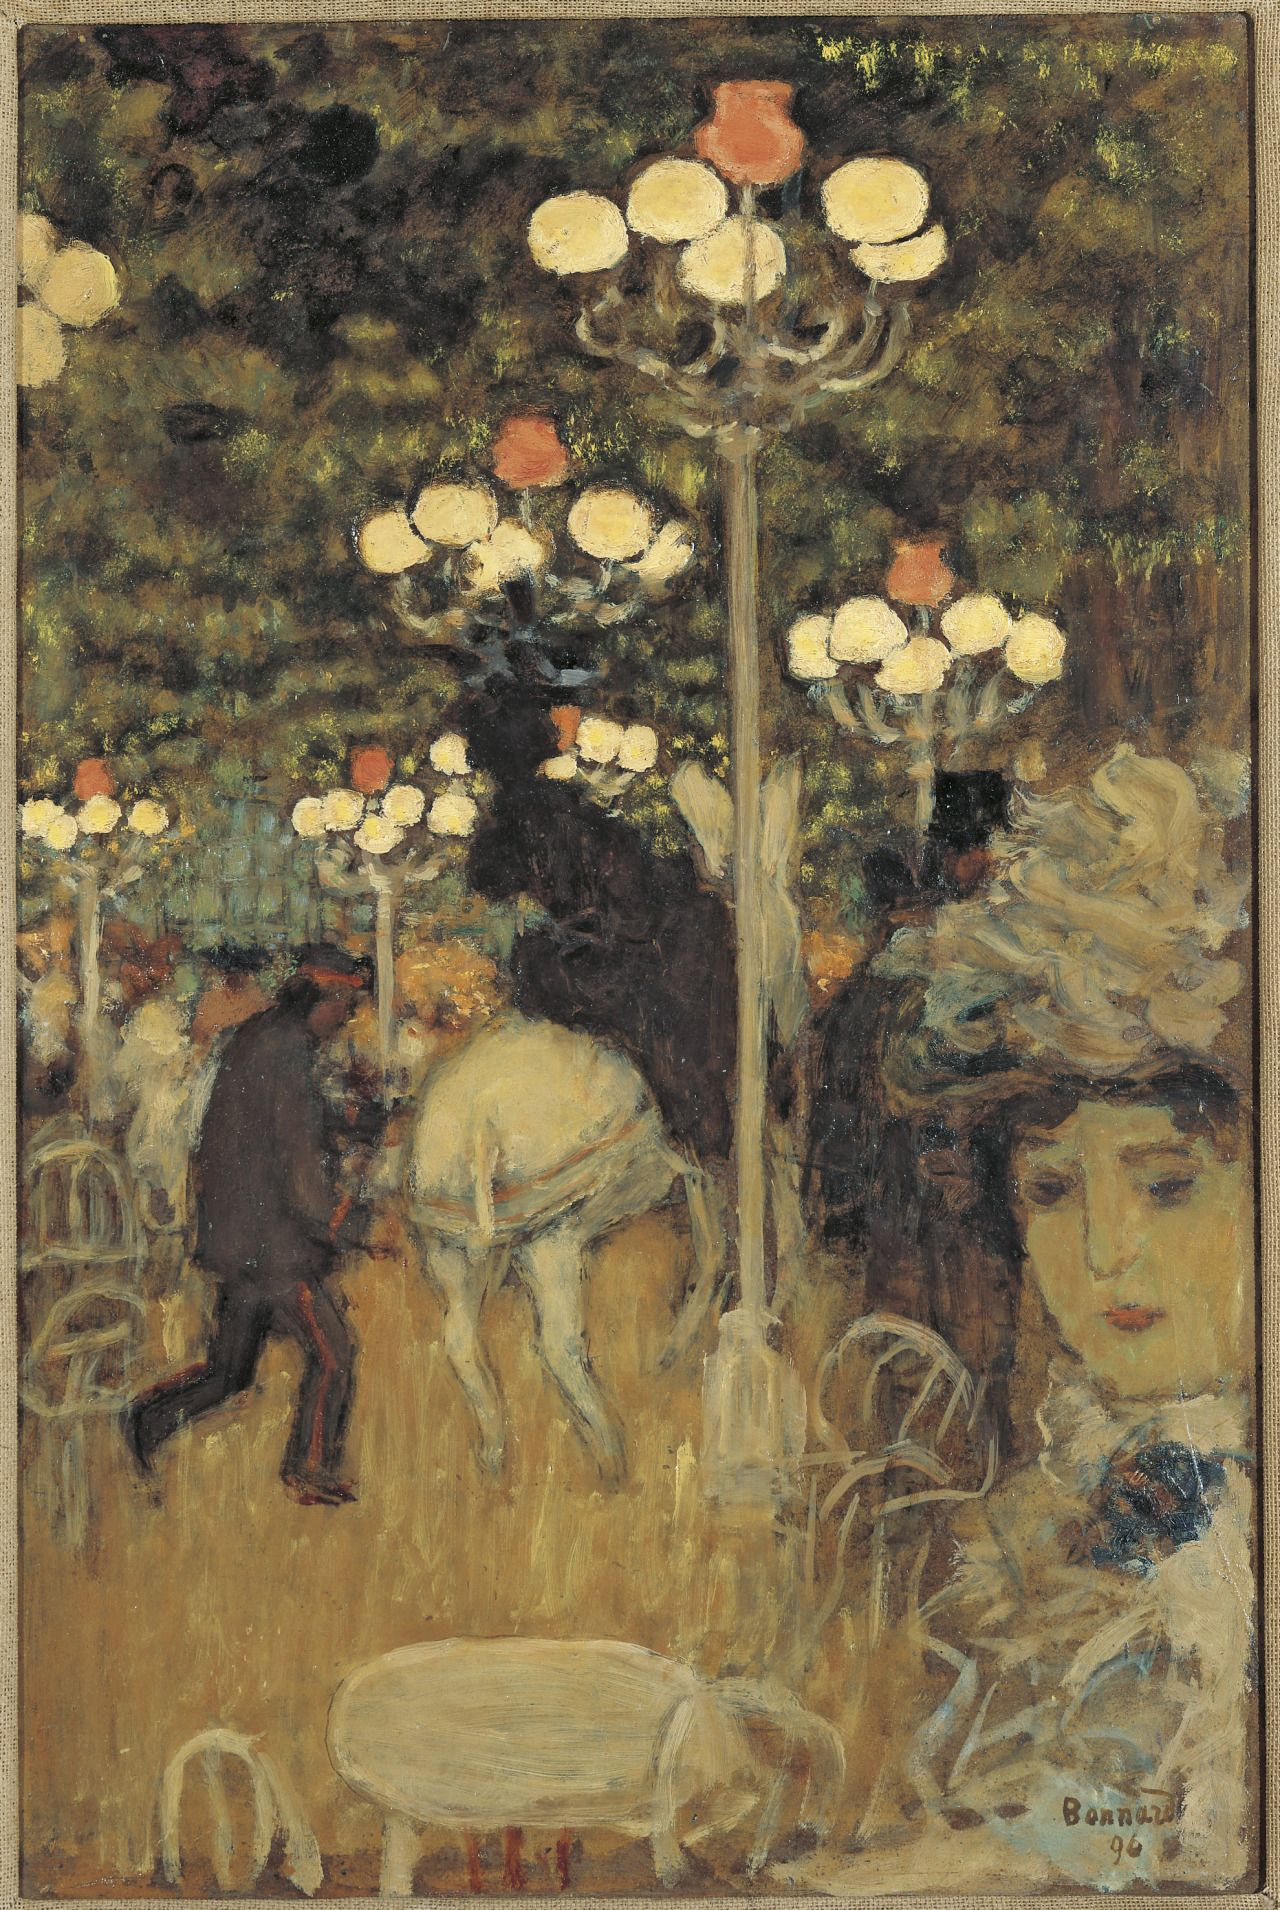 Pierre Bonnard (French, 1867-1947) - Café dans le Bois, dit aussi Jardin de Paris, 1896